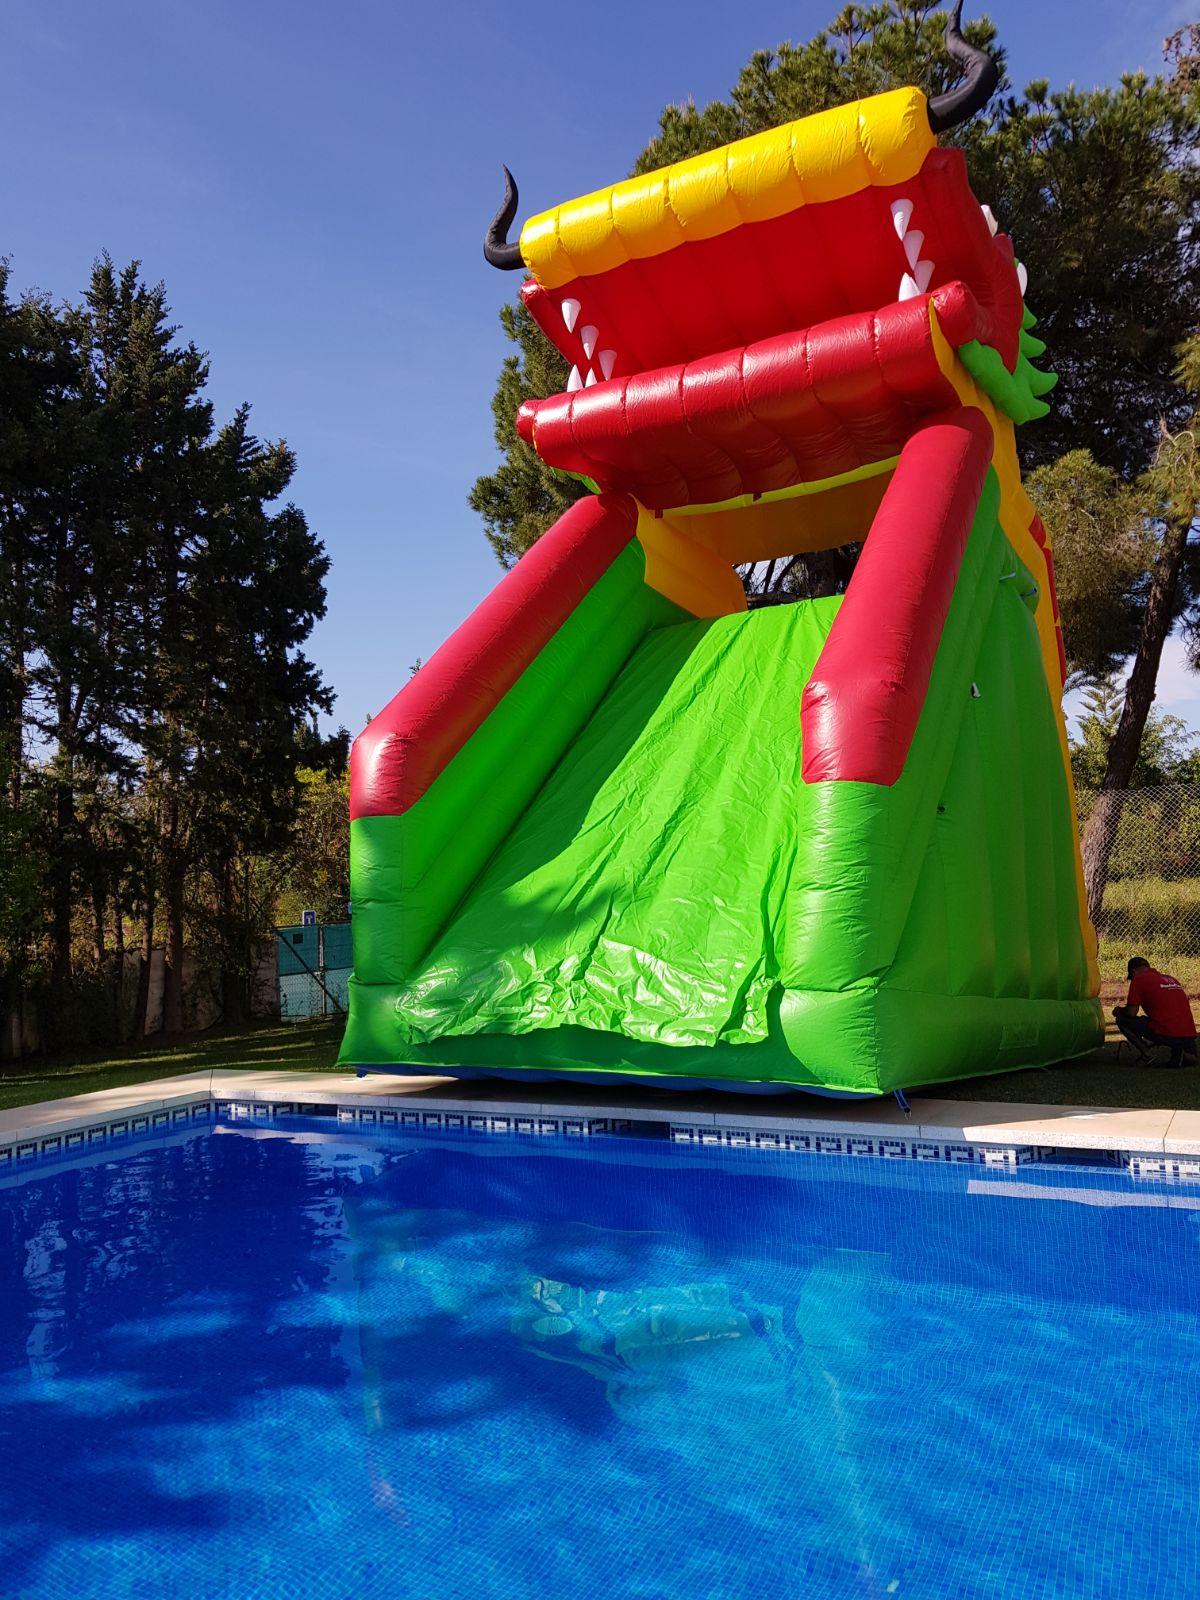 Alquiler Hinchables Costa del Sol en Málaga